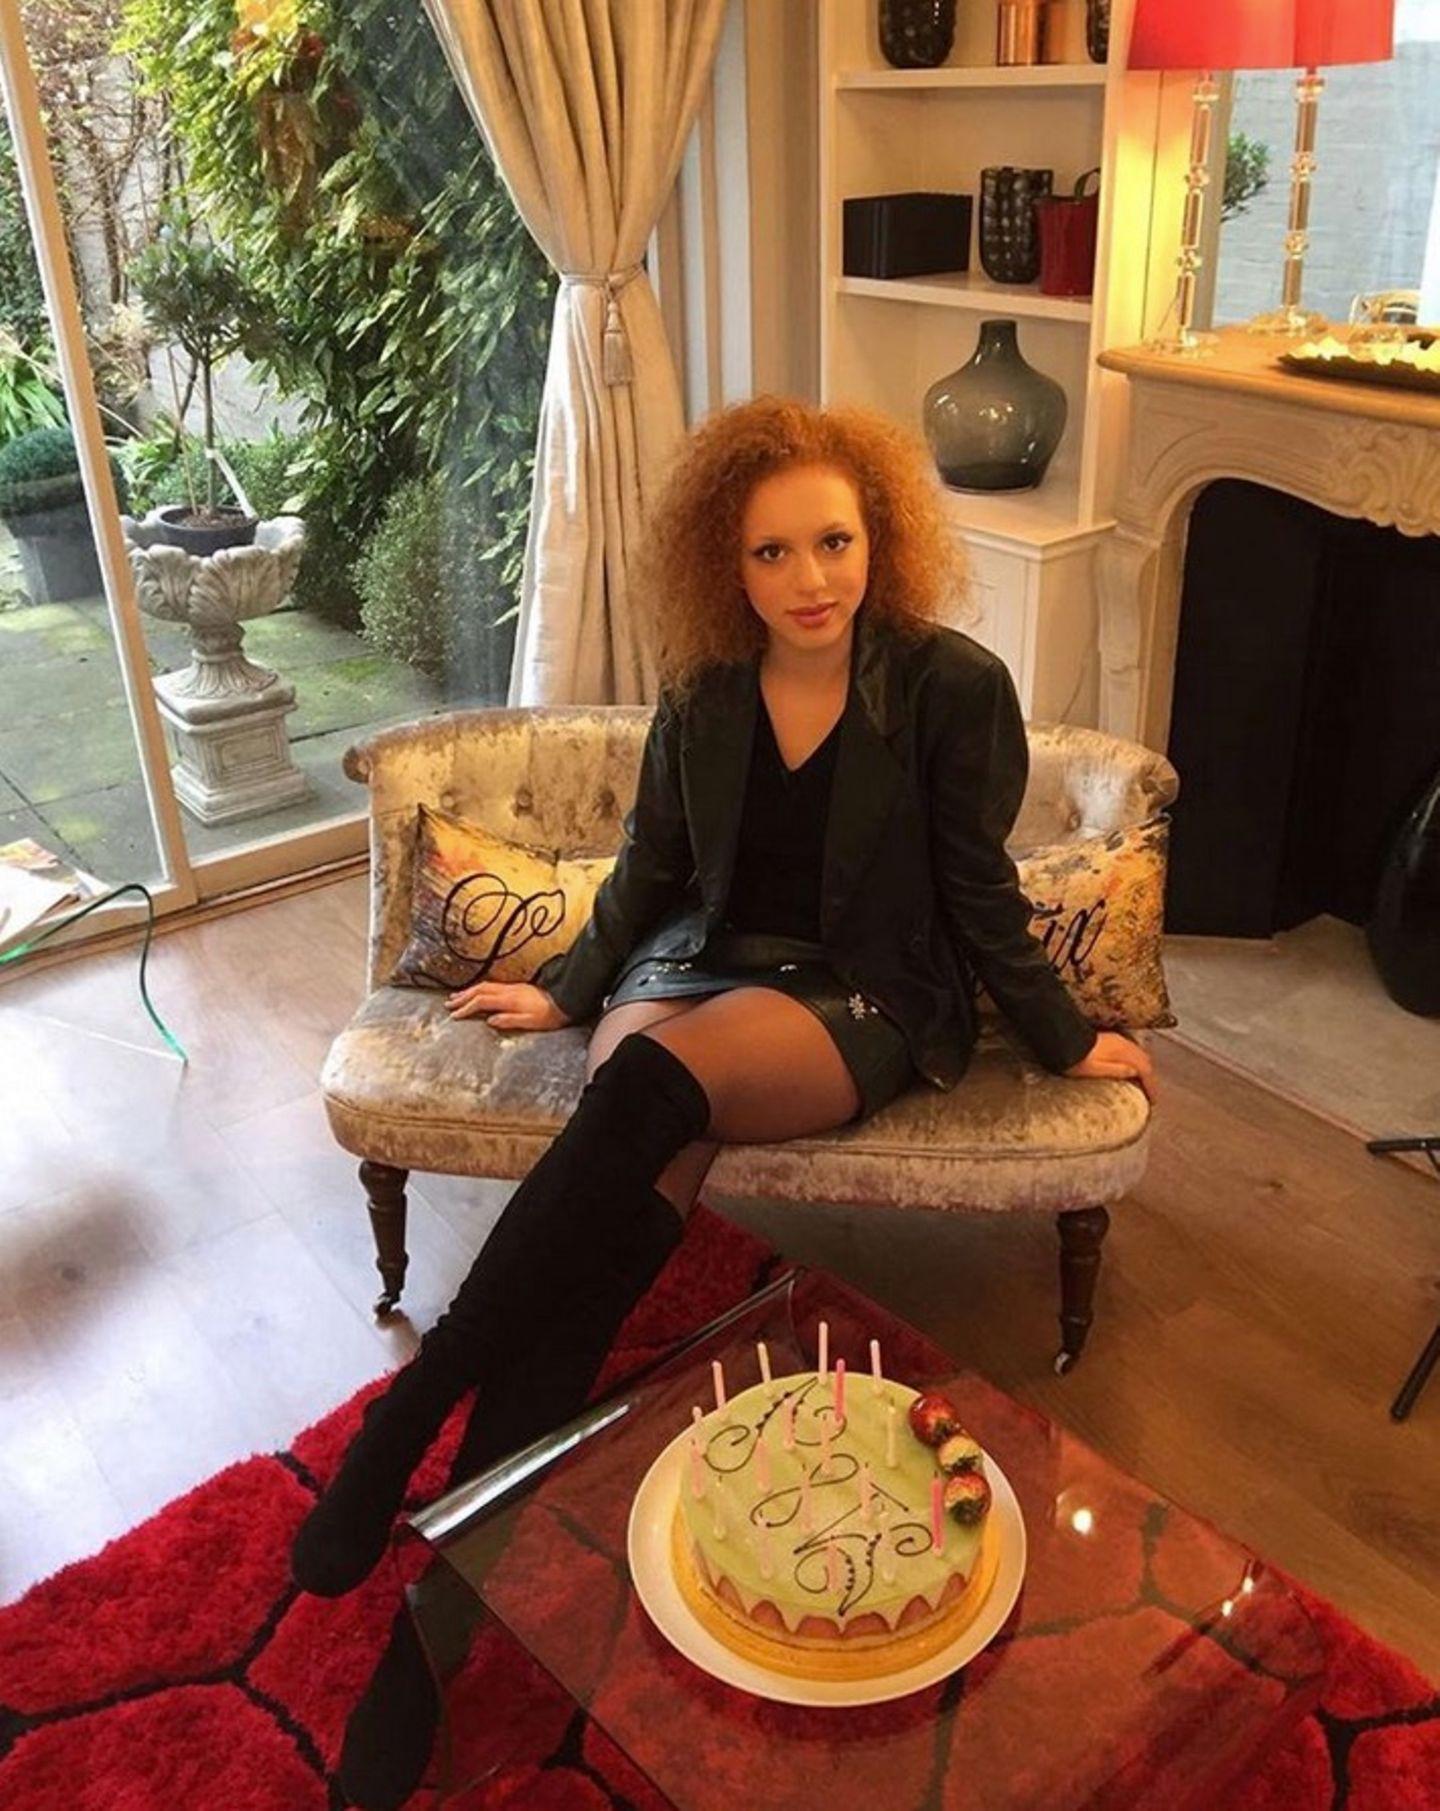 Anlässlich ihres 18. Geburtstages präsentiert Becker Sproß Anna Ermakova auf ihrem Instagram-Account große Torte.